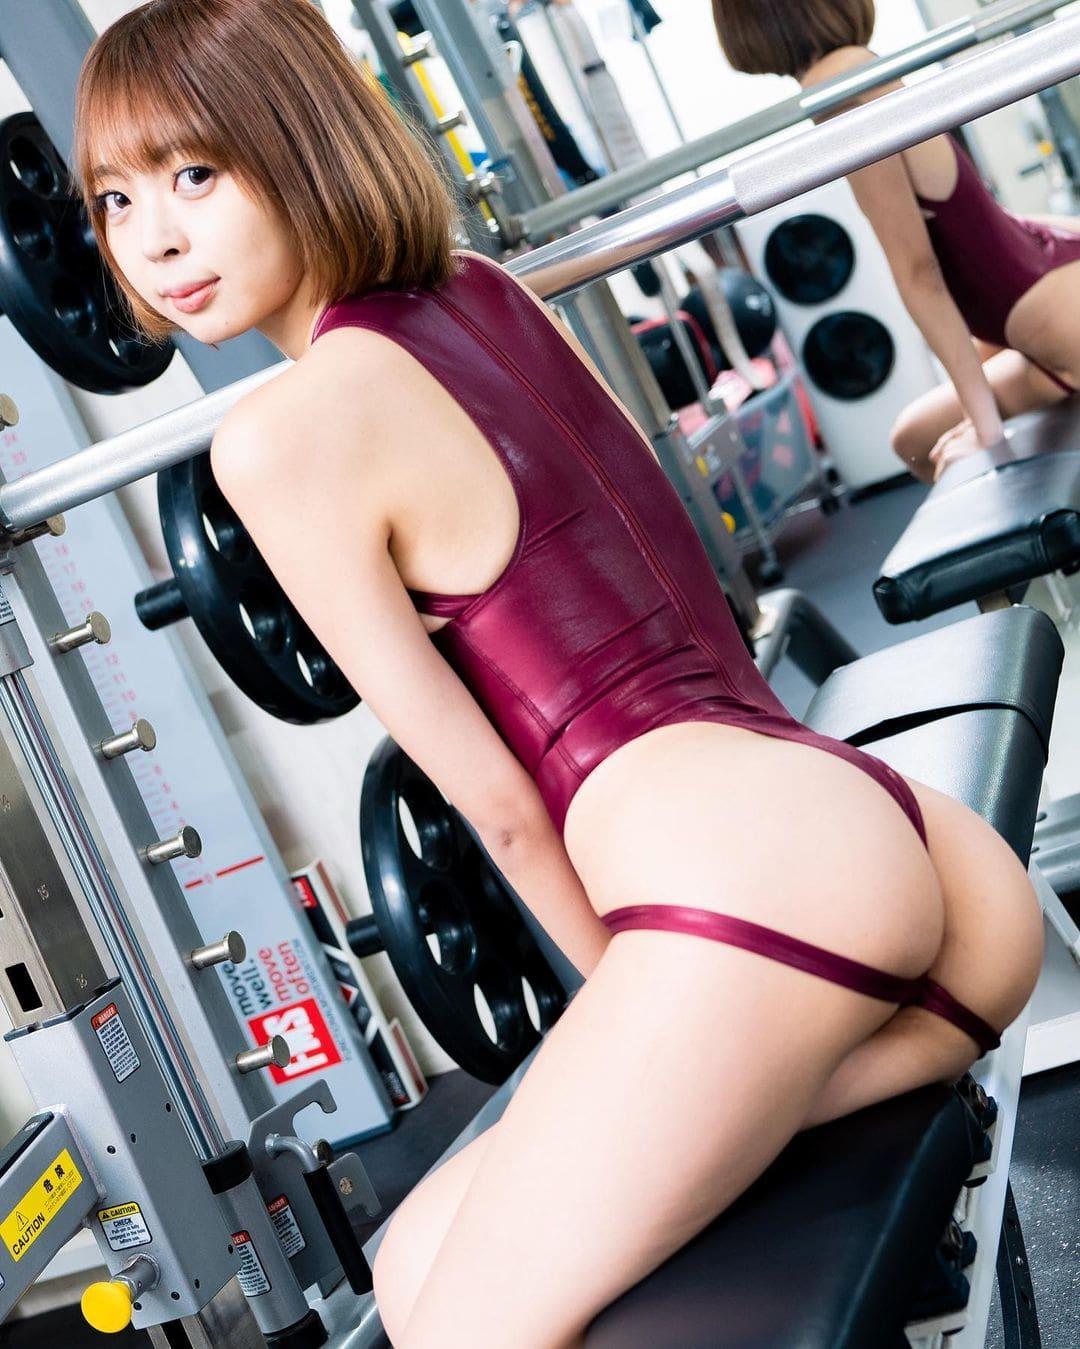 「ジムで競泳」セクシー衣装で美尻を披露【東堂ともさん/2021年1月25日】